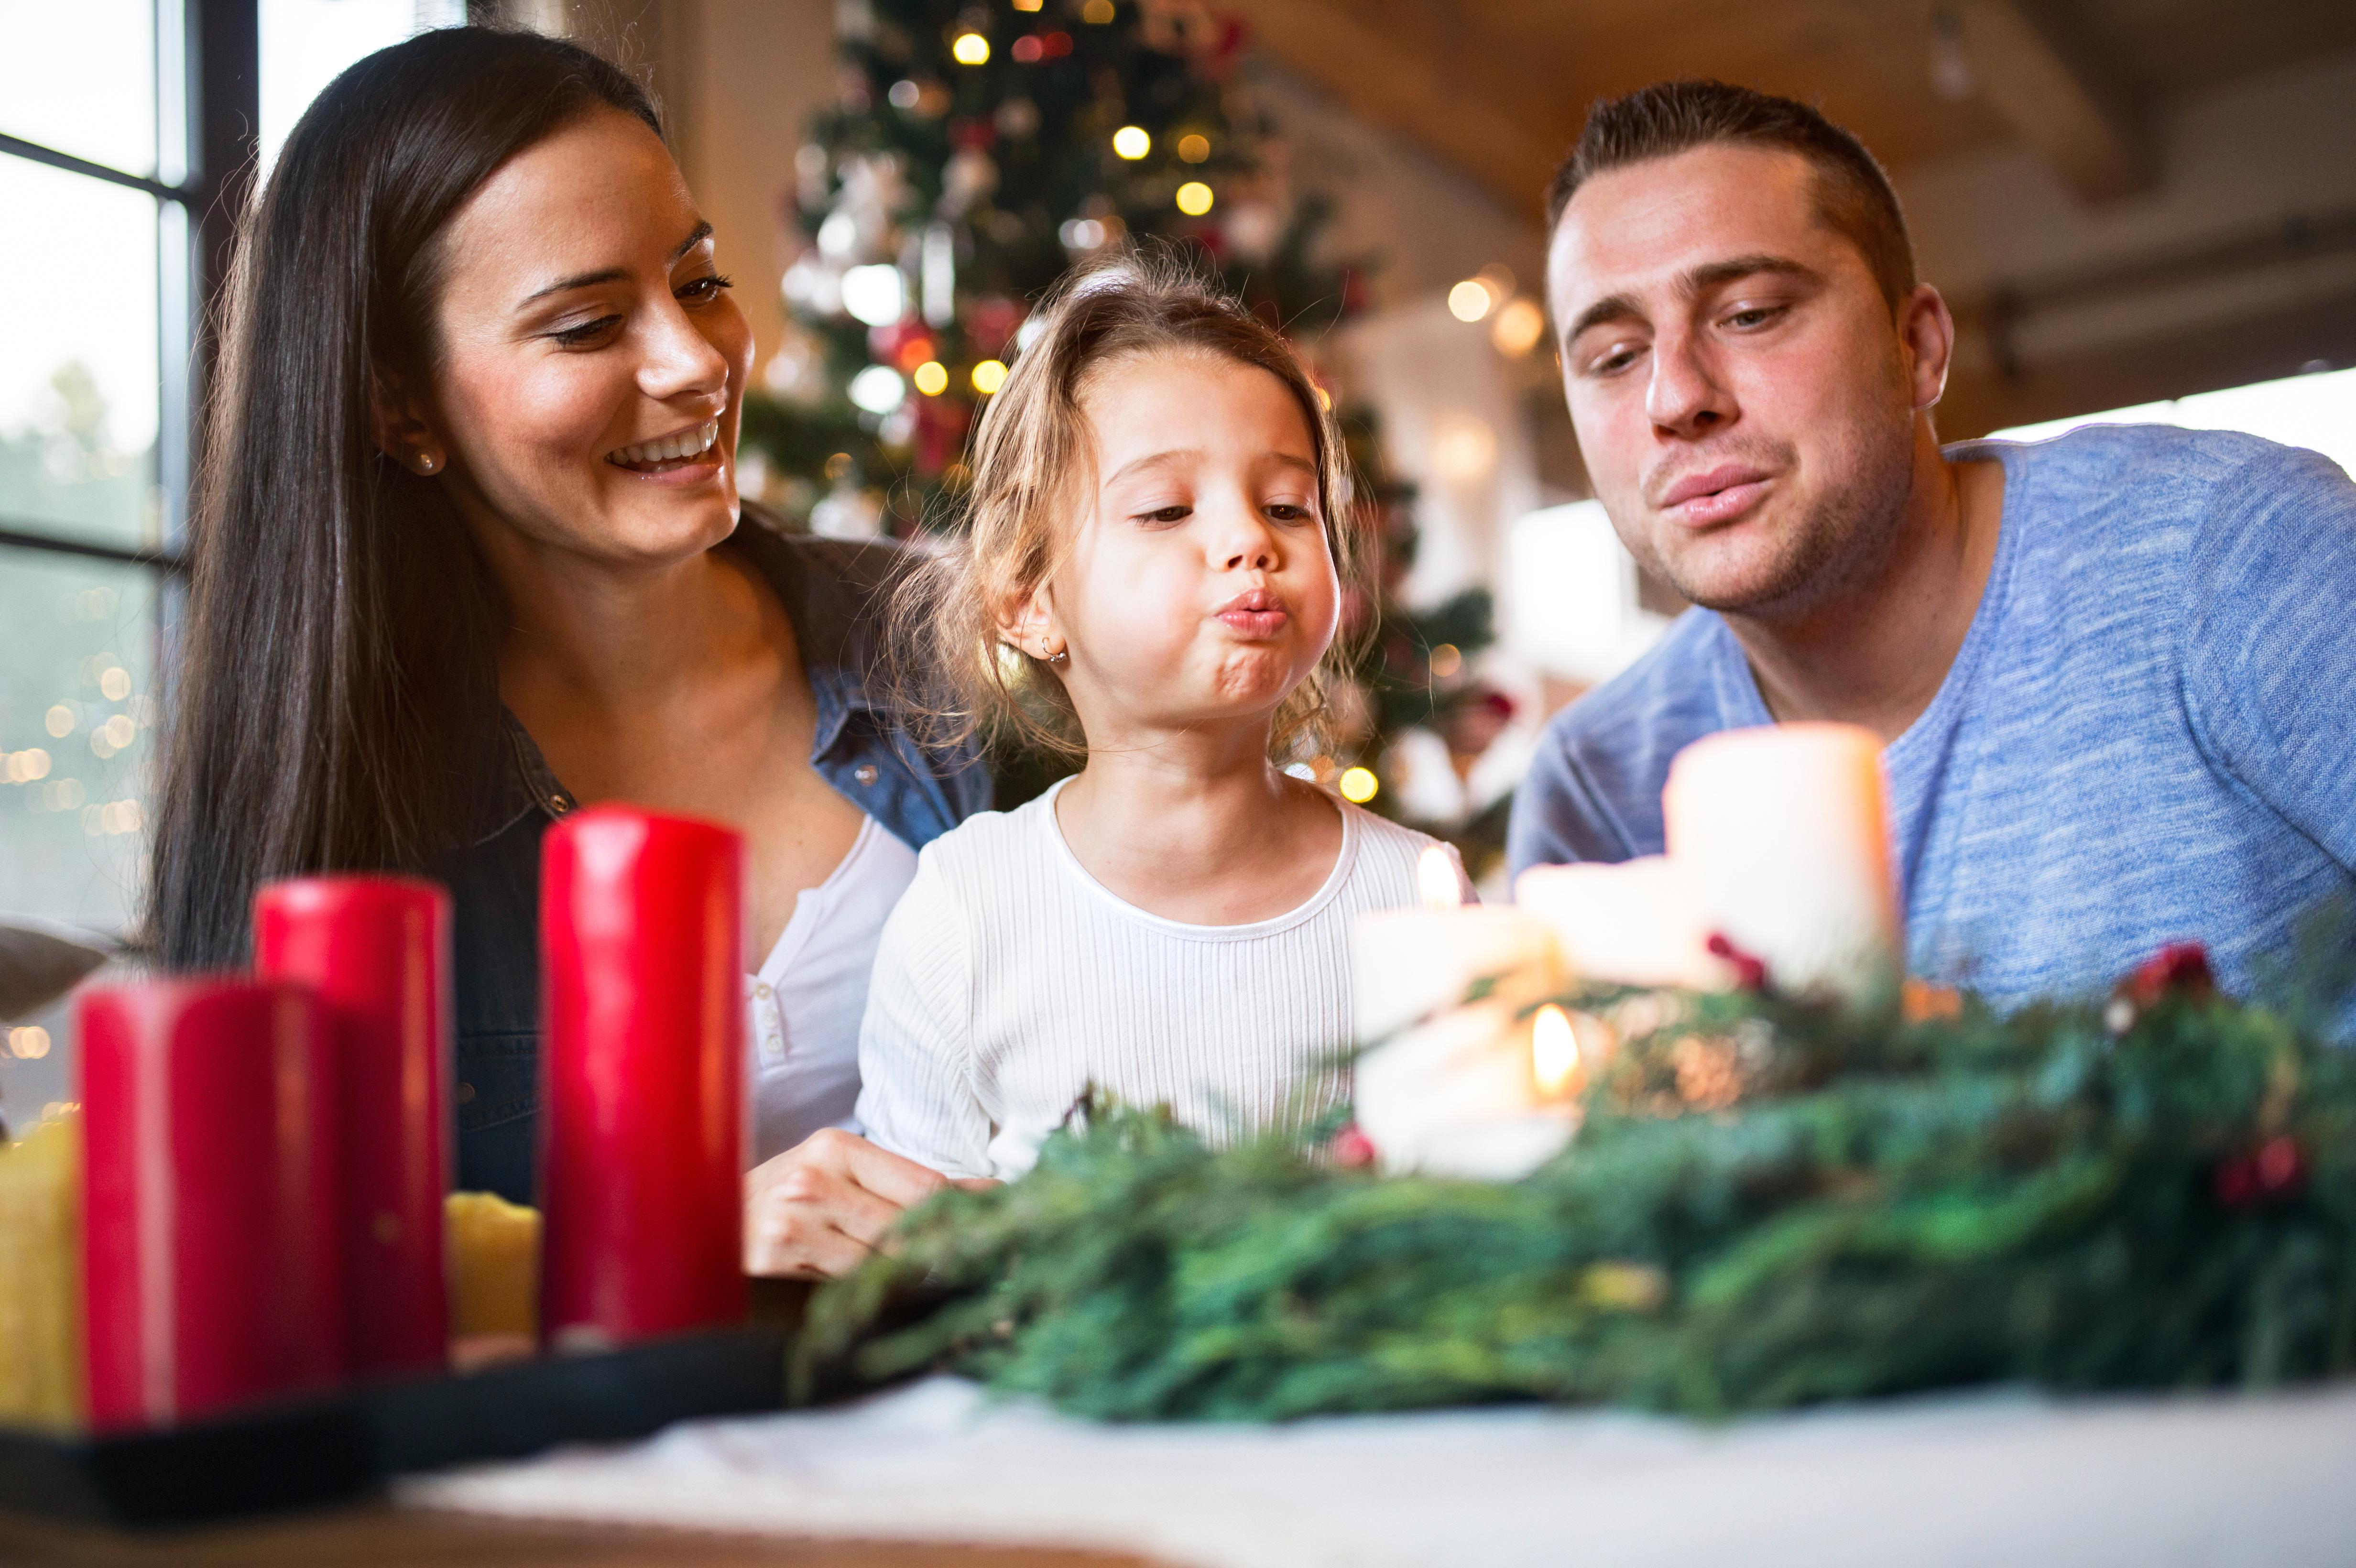 Advent plný radosti. Udělejte si černou hodinku, nebo ušijte adventní kalendář